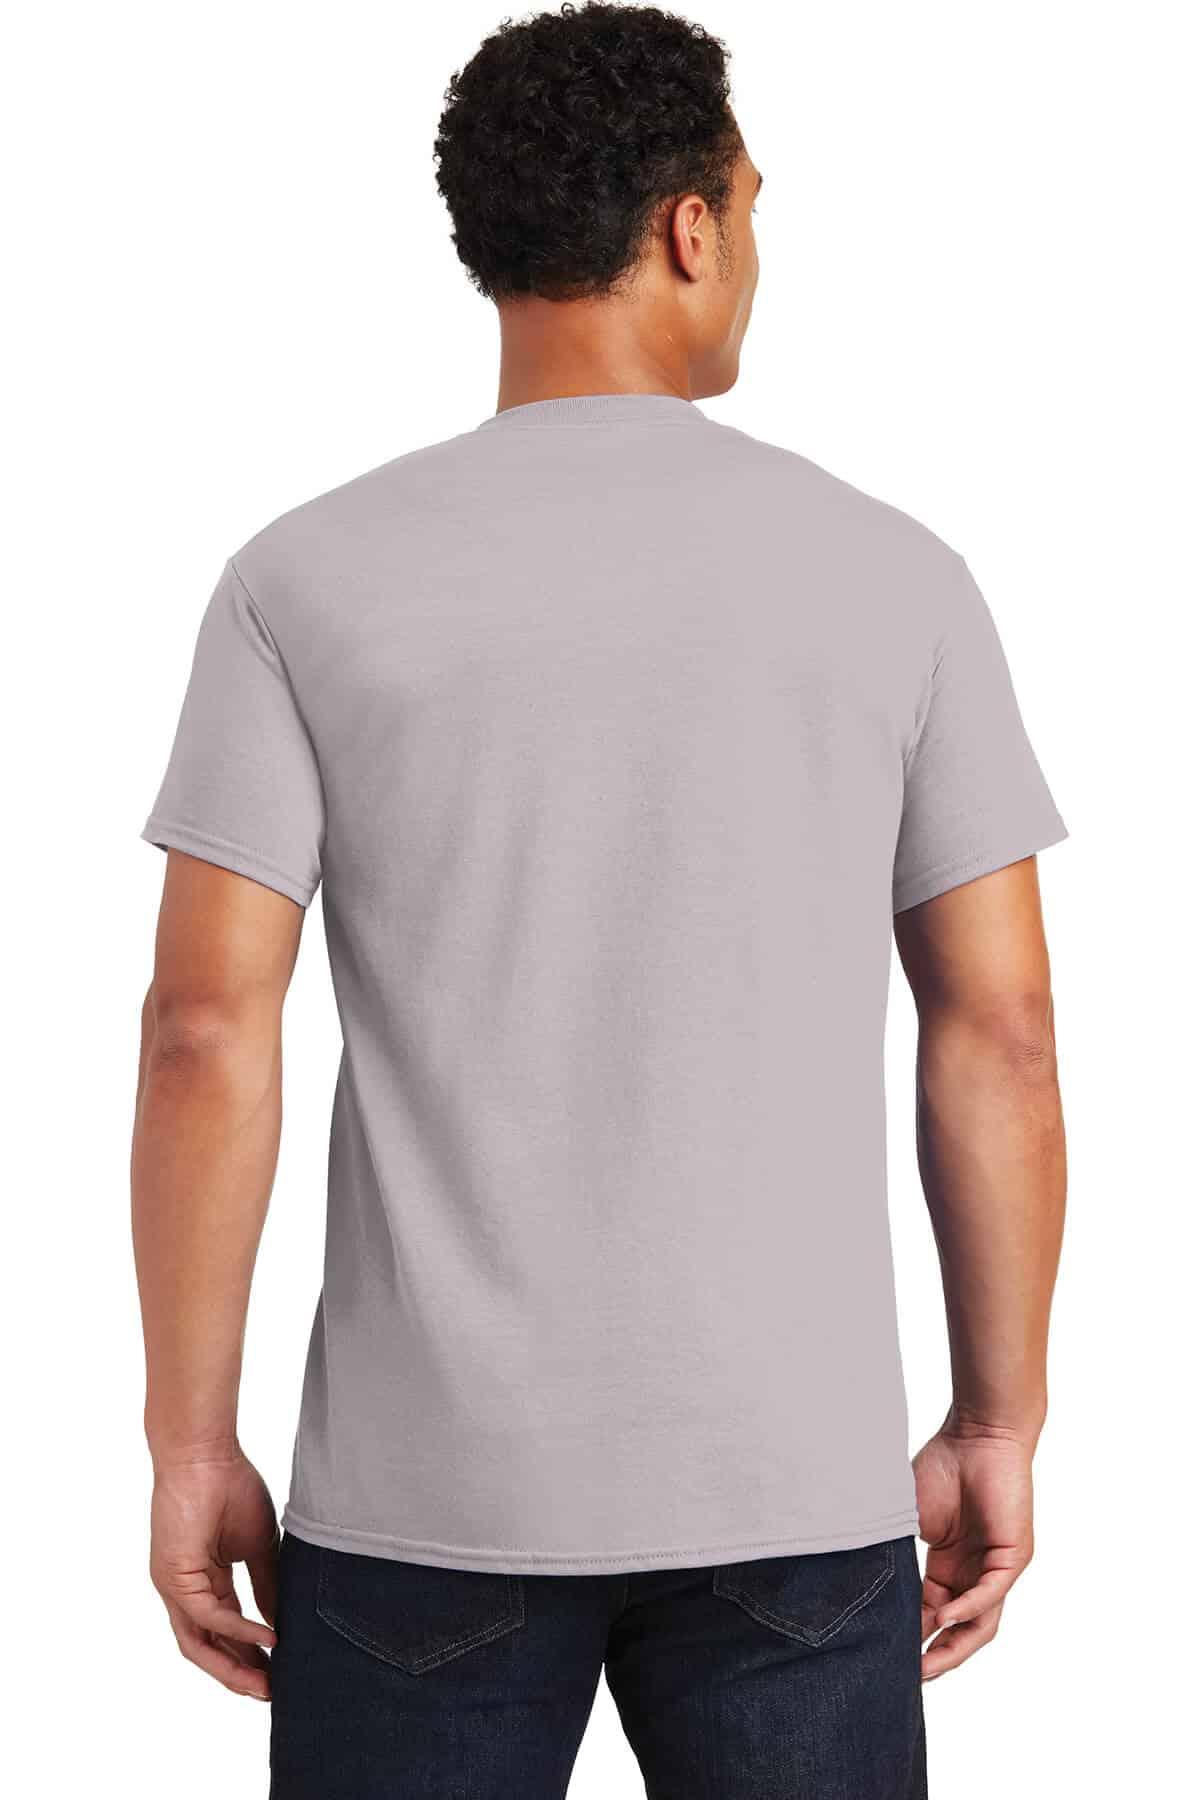 Ice Grey TeeShirt Back